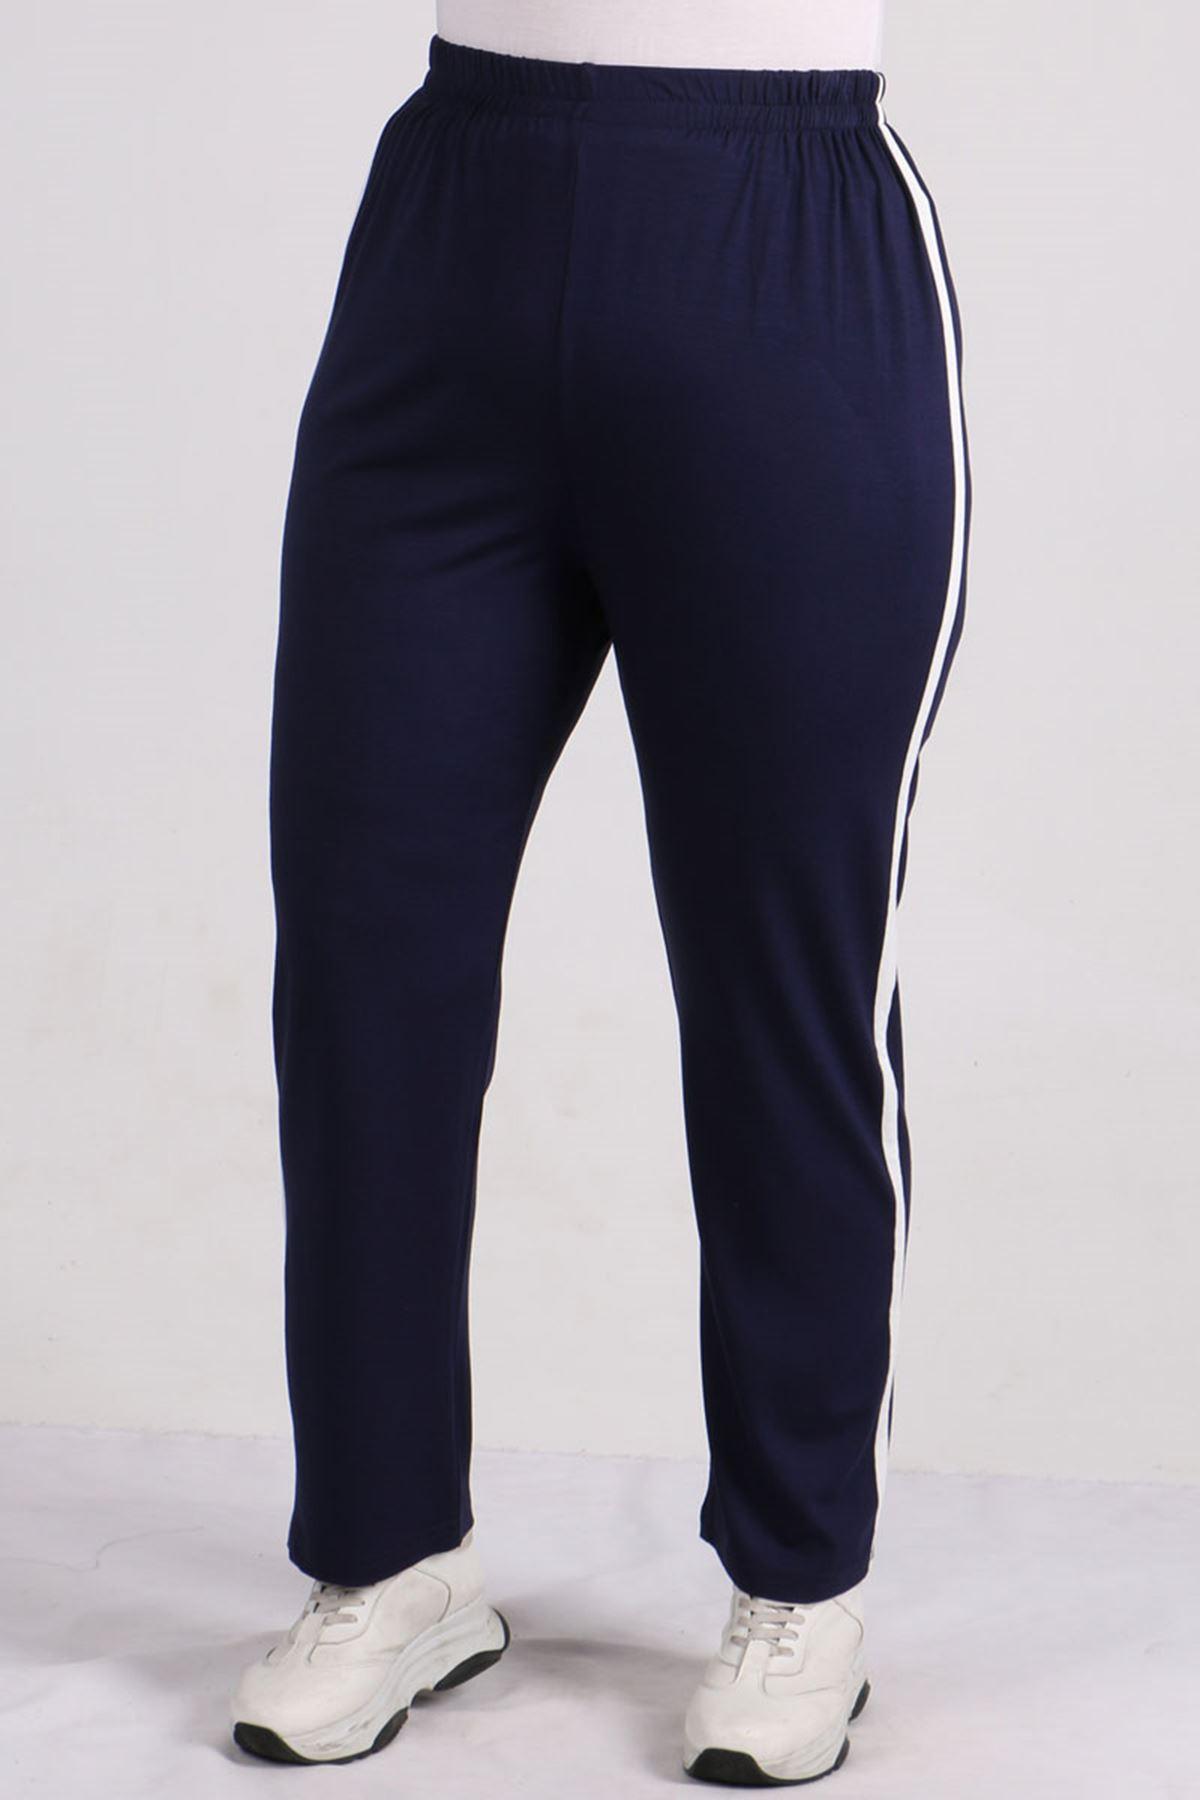 7689 Büyük Beden Şeritli Penye Pantalonlu Takım - Lacivert